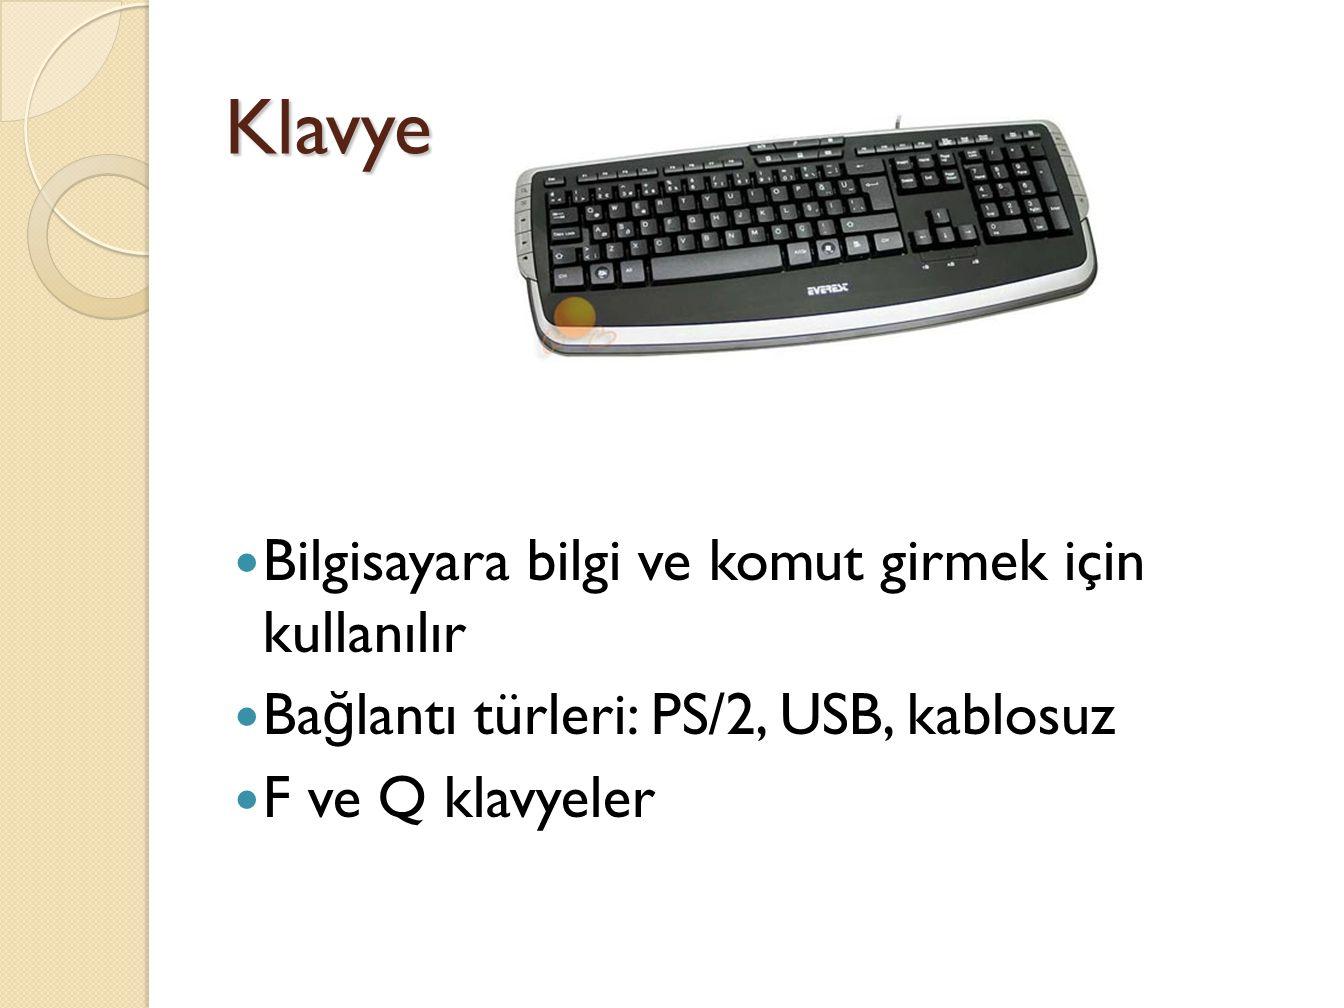 Klavye Bilgisayara bilgi ve komut girmek için kullanılır Ba ğ lantı türleri: PS/2, USB, kablosuz F ve Q klavyeler